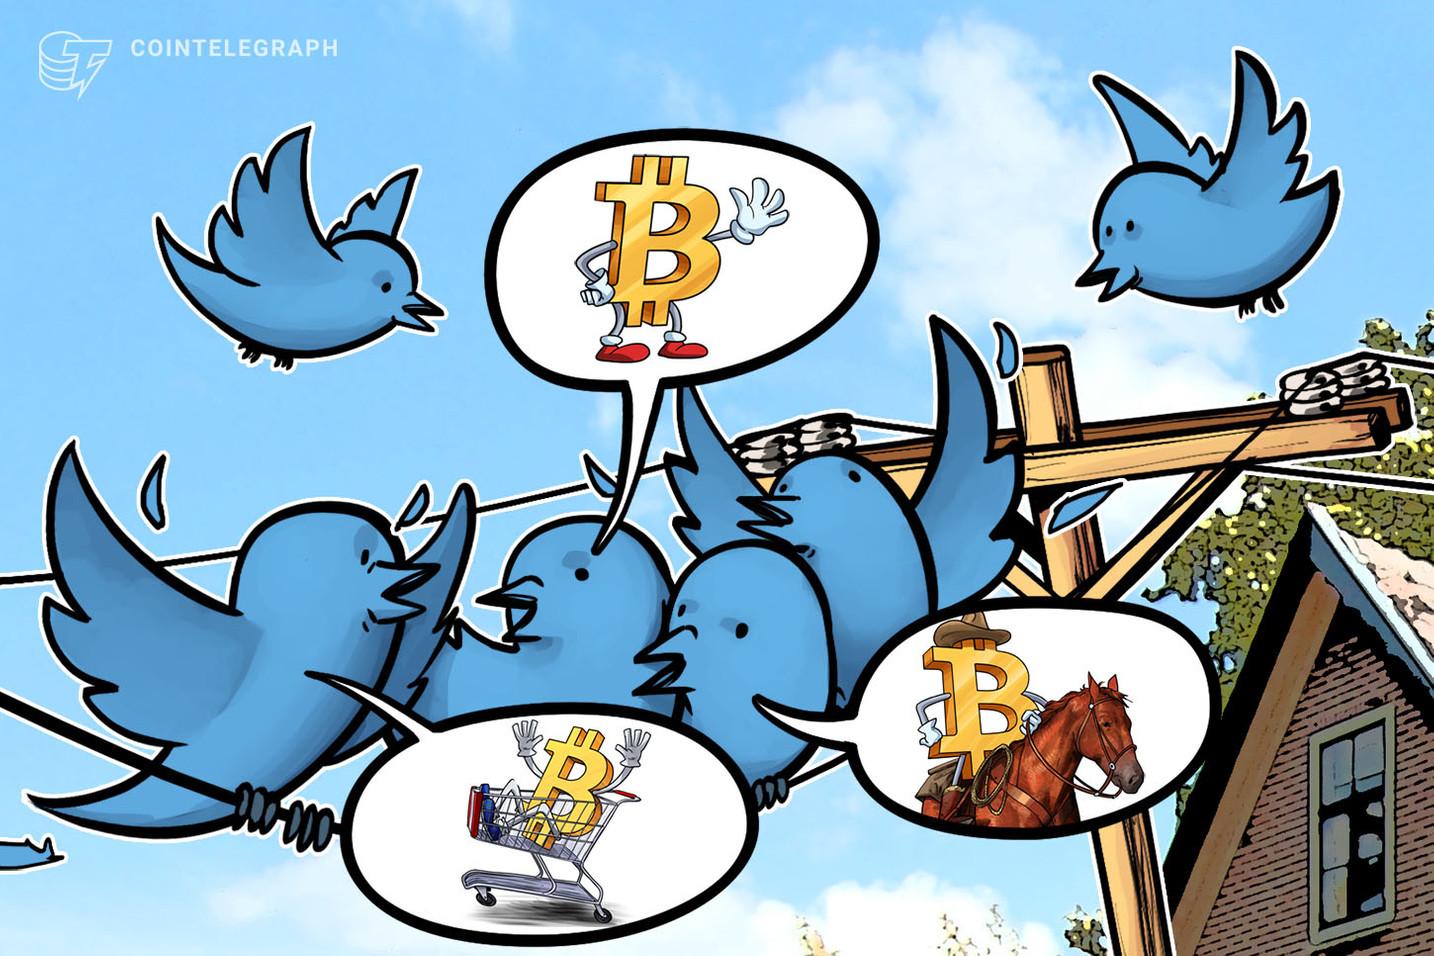 ツイッターで仮想通貨ビットコインの絵文字が追加|トレンド入り呼び掛け【ニュース】